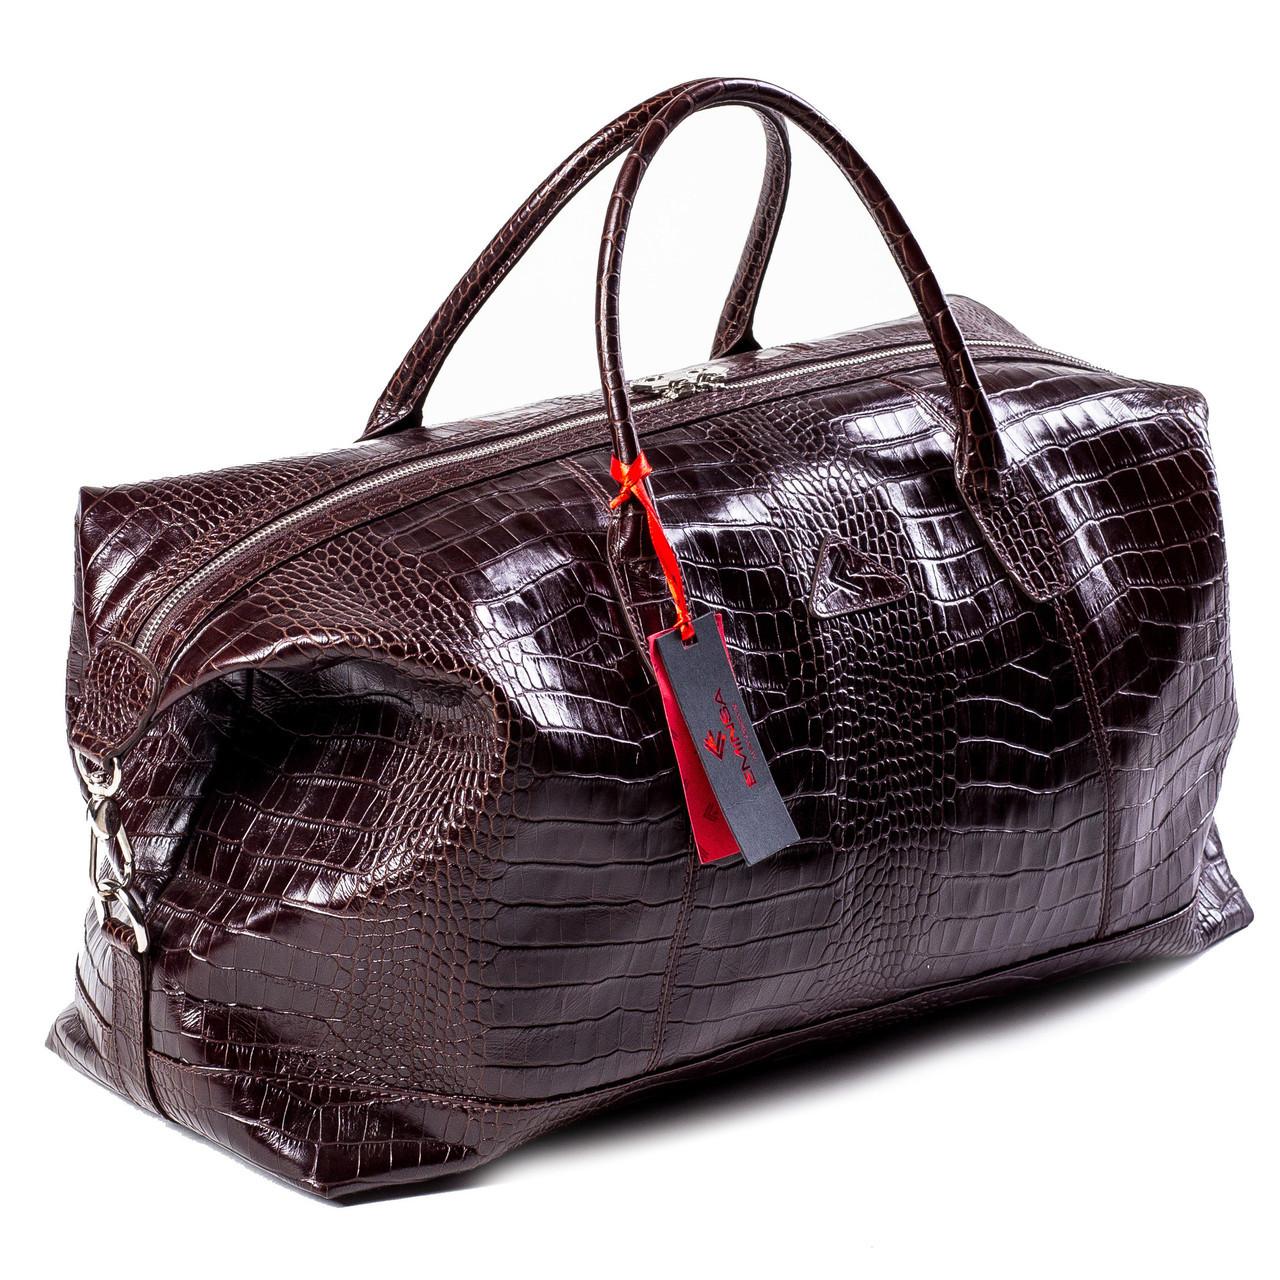 c96e0e43e5ee Сумка дорожная саквояж кожаный коричневый Eminsa 6545-4-3 - Тибериус —  магазин стильных